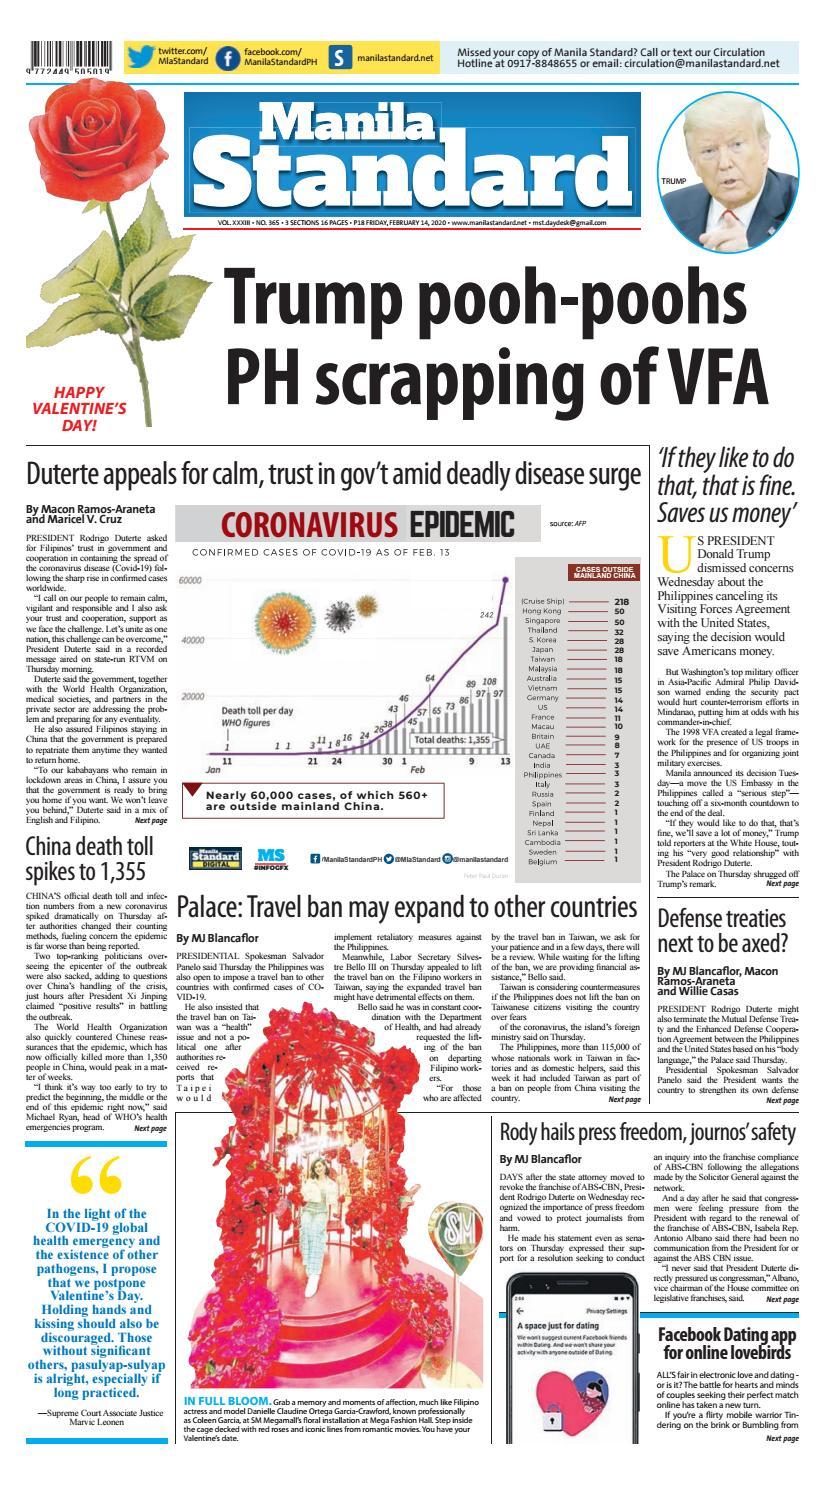 Manila Standard - 2020 February 14 - Fridaymanila In Wiliam & Mary 2021/2020 Calendar